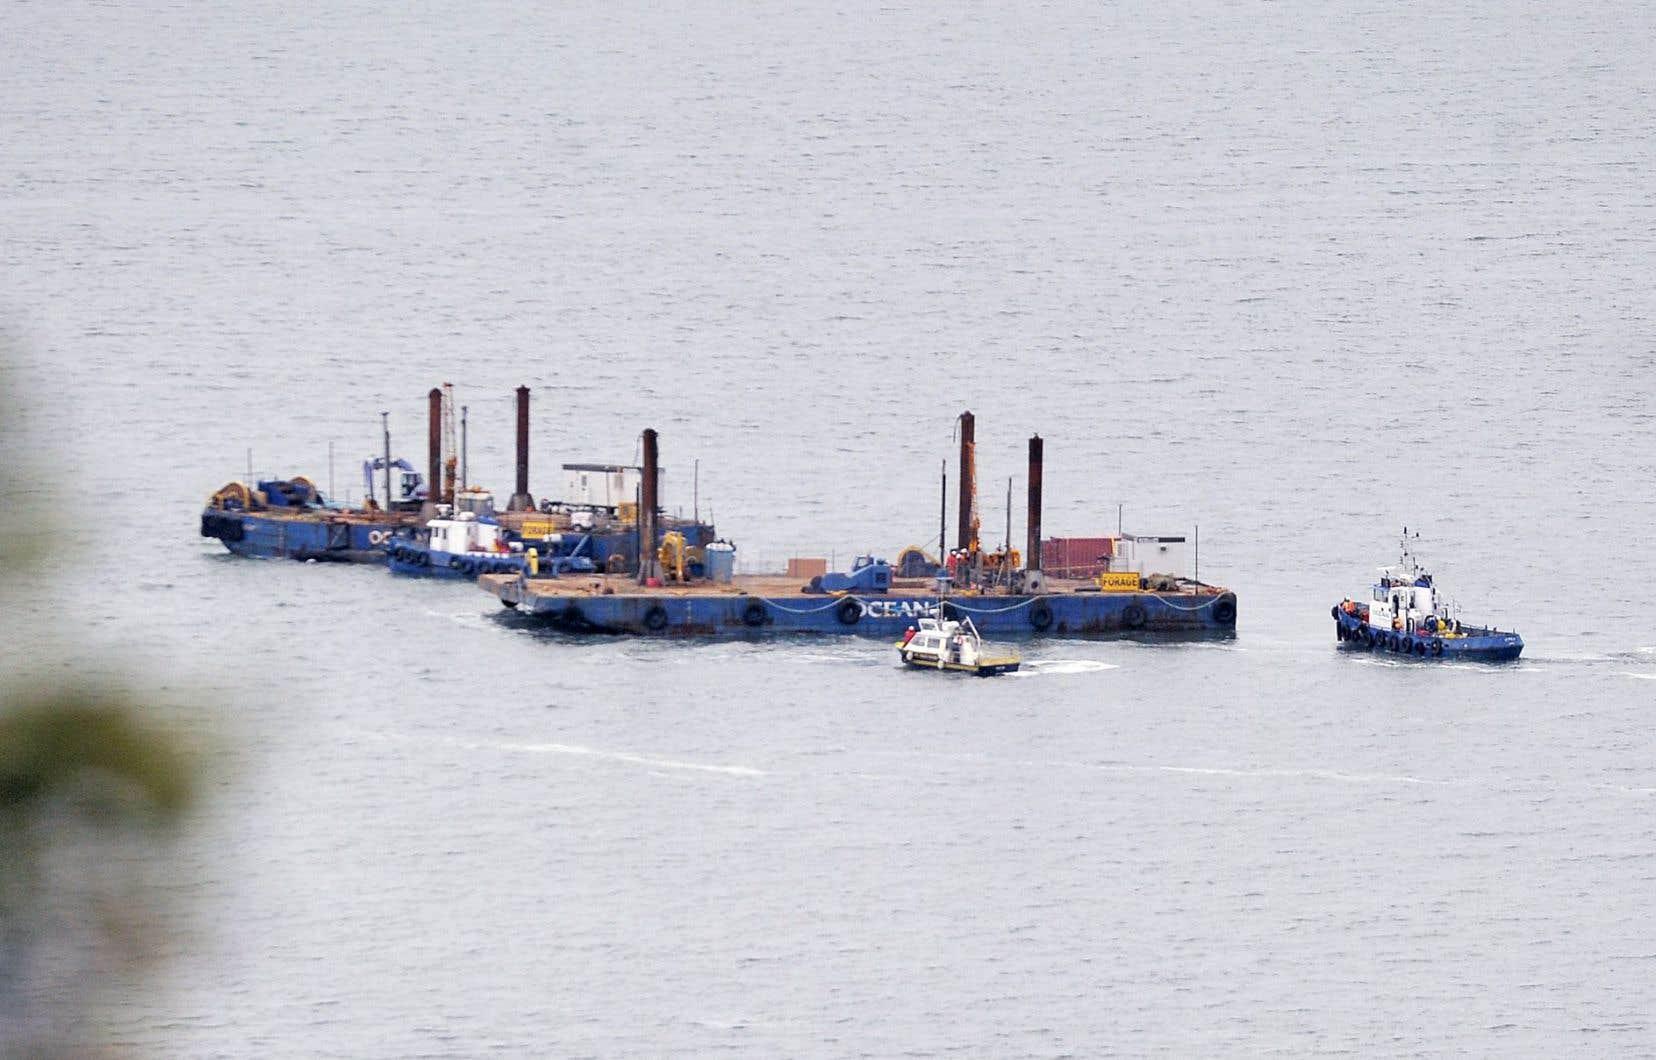 Même si les travaux préliminaires en milieu marin de TransCanada n'ont pas pu être complétés, les documents officiels déposés jeudi précisent les détails du projet.